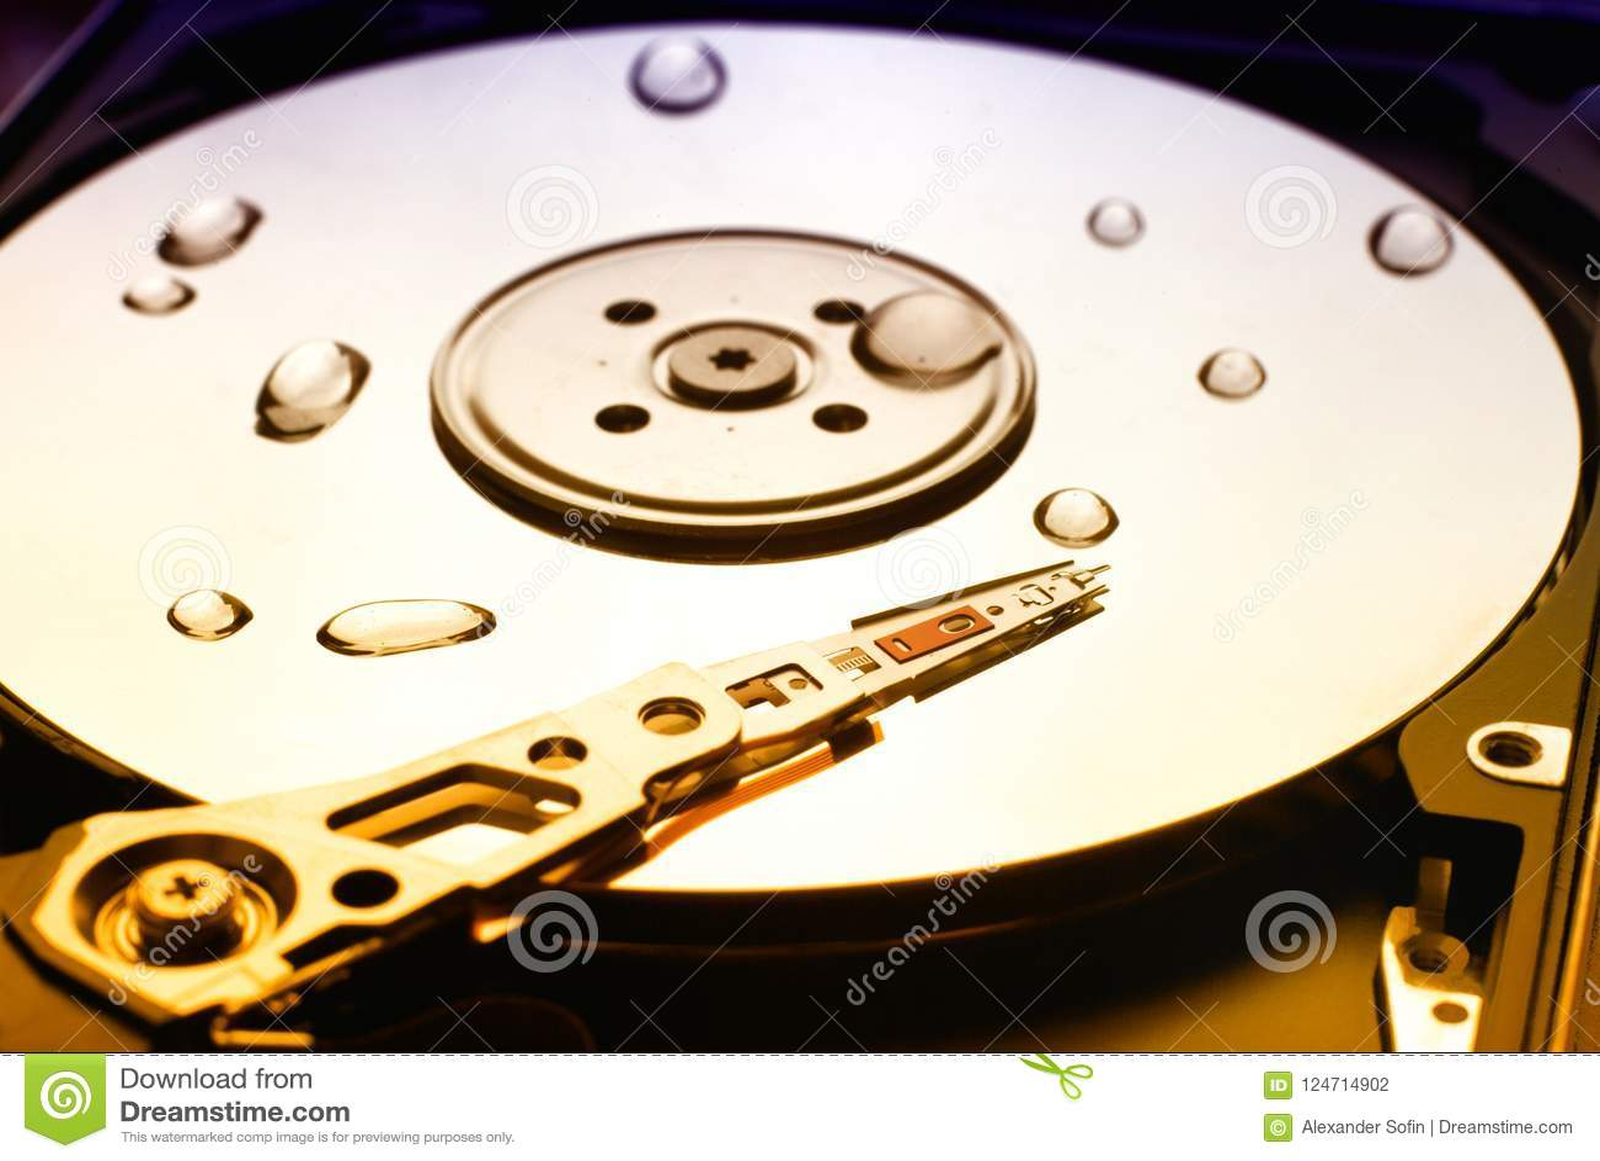 Σκληρός δίσκος υπολογιστών με τις πτώσεις κεφαλιών και νερού ανάγνωσης σε το